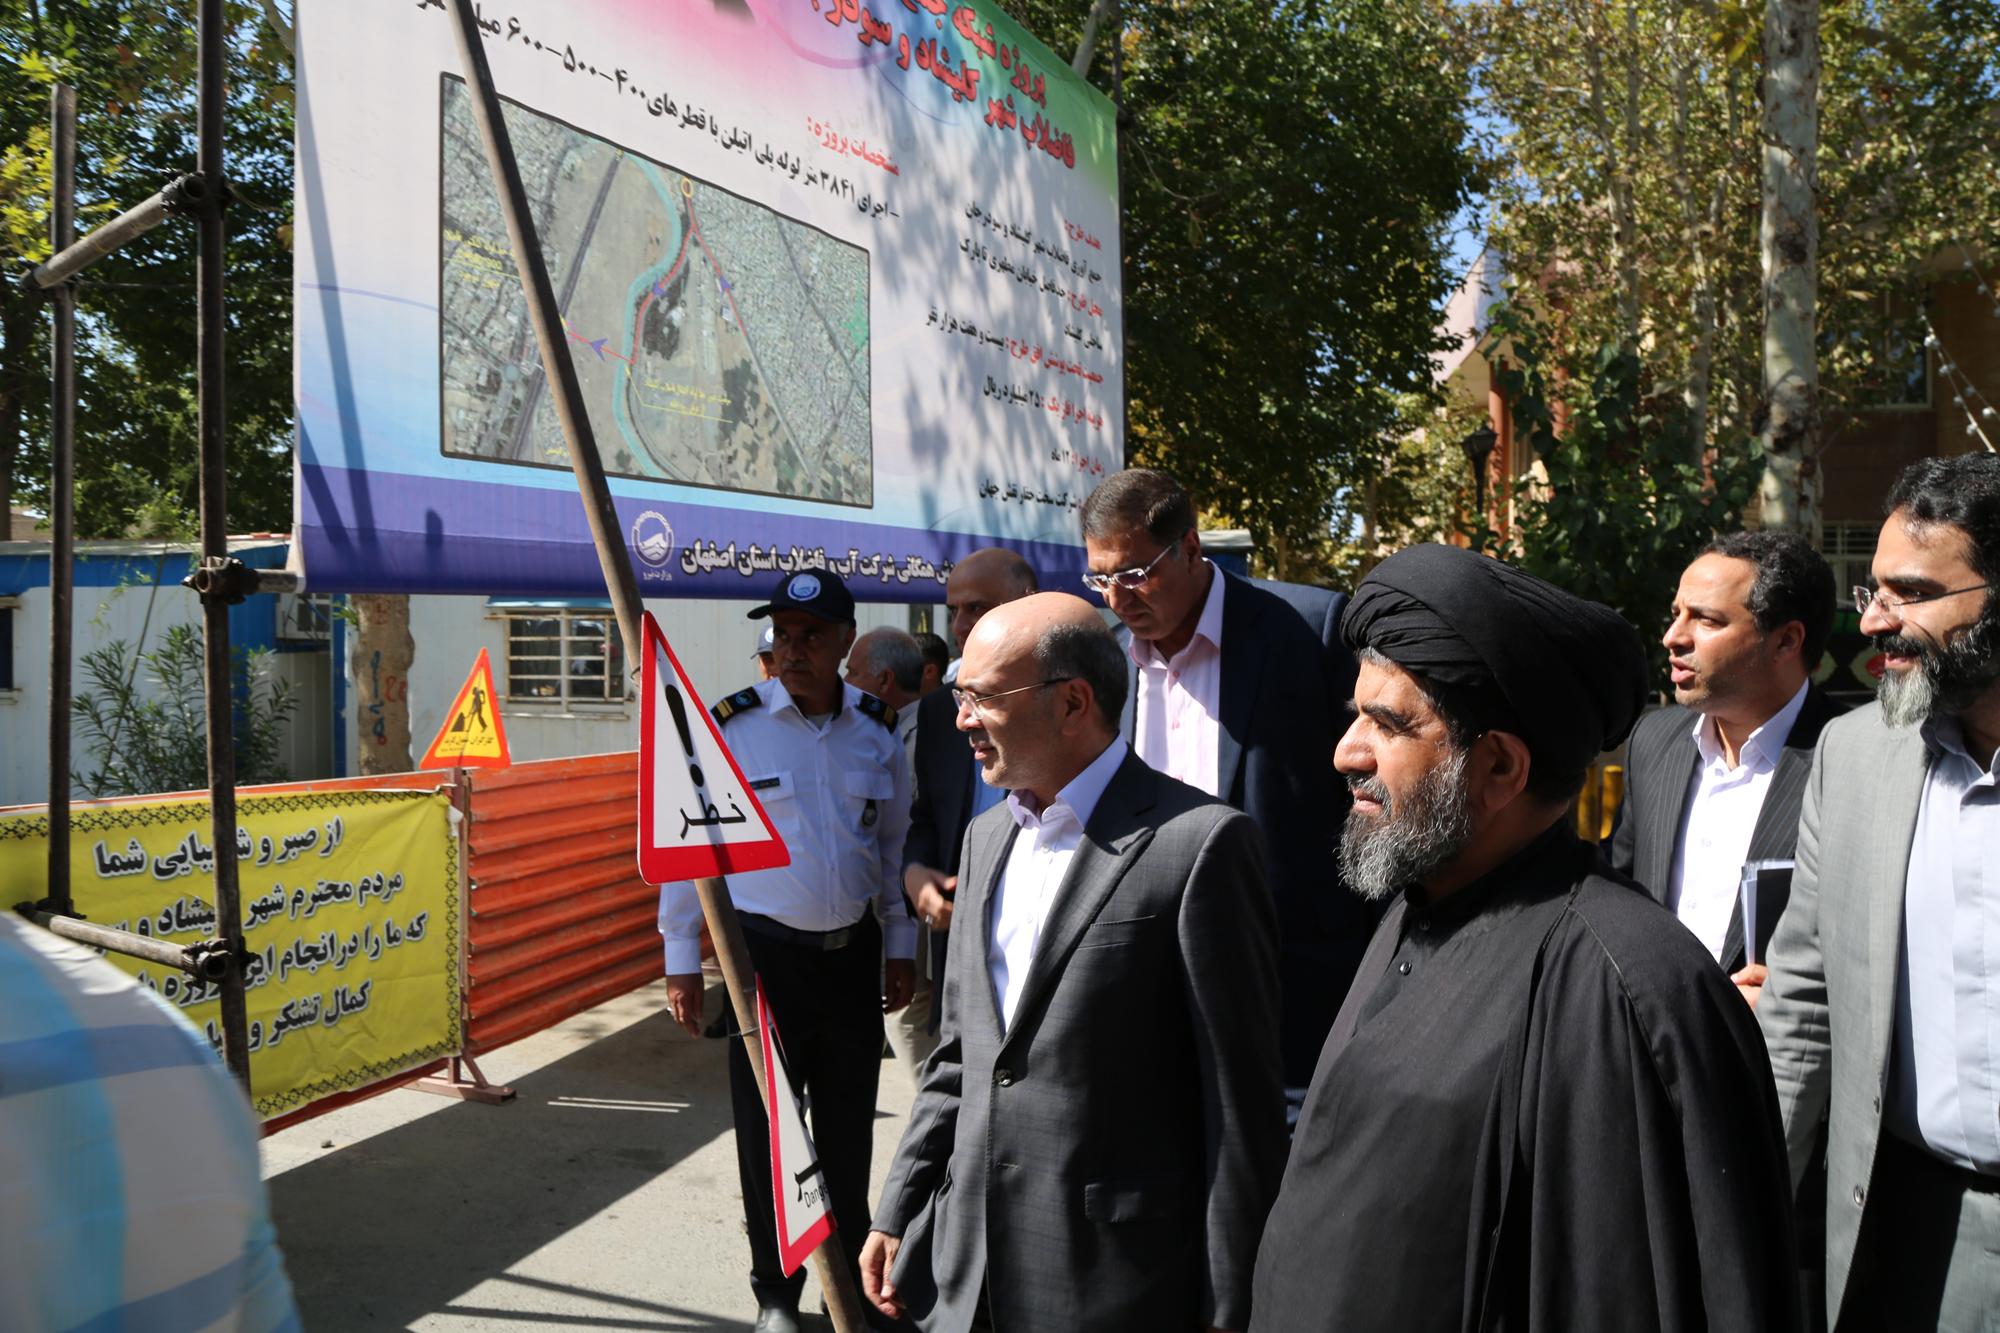 شرکت آب و فاضلاب اصفهان